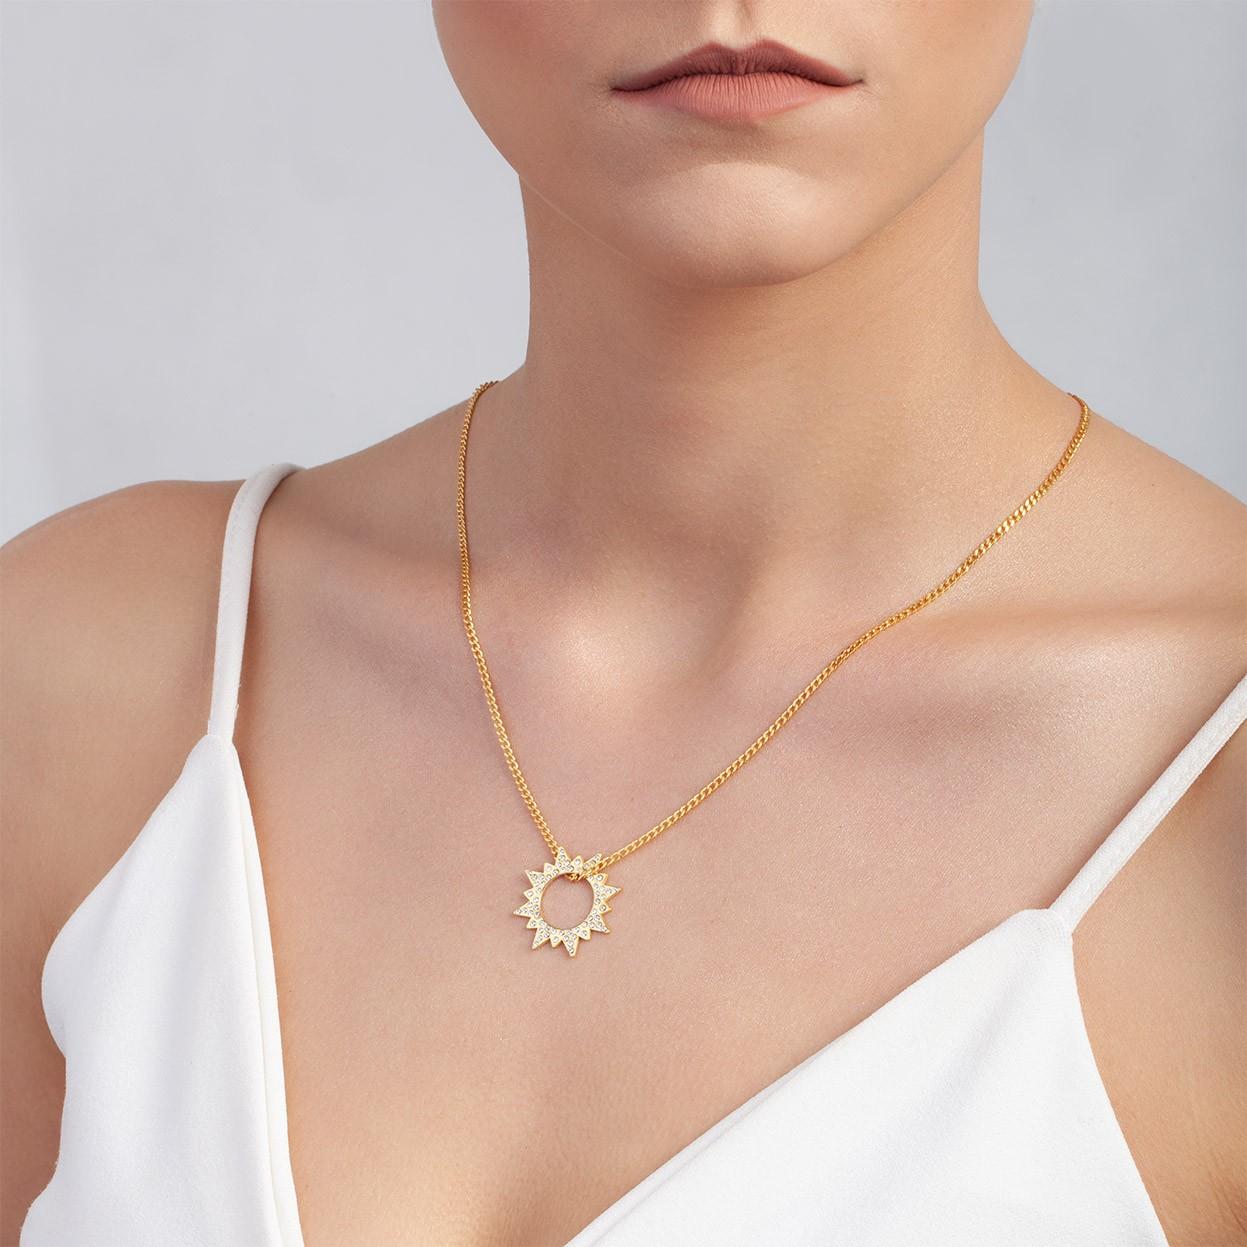 Swarovski MOND medaillon halskette silber 925